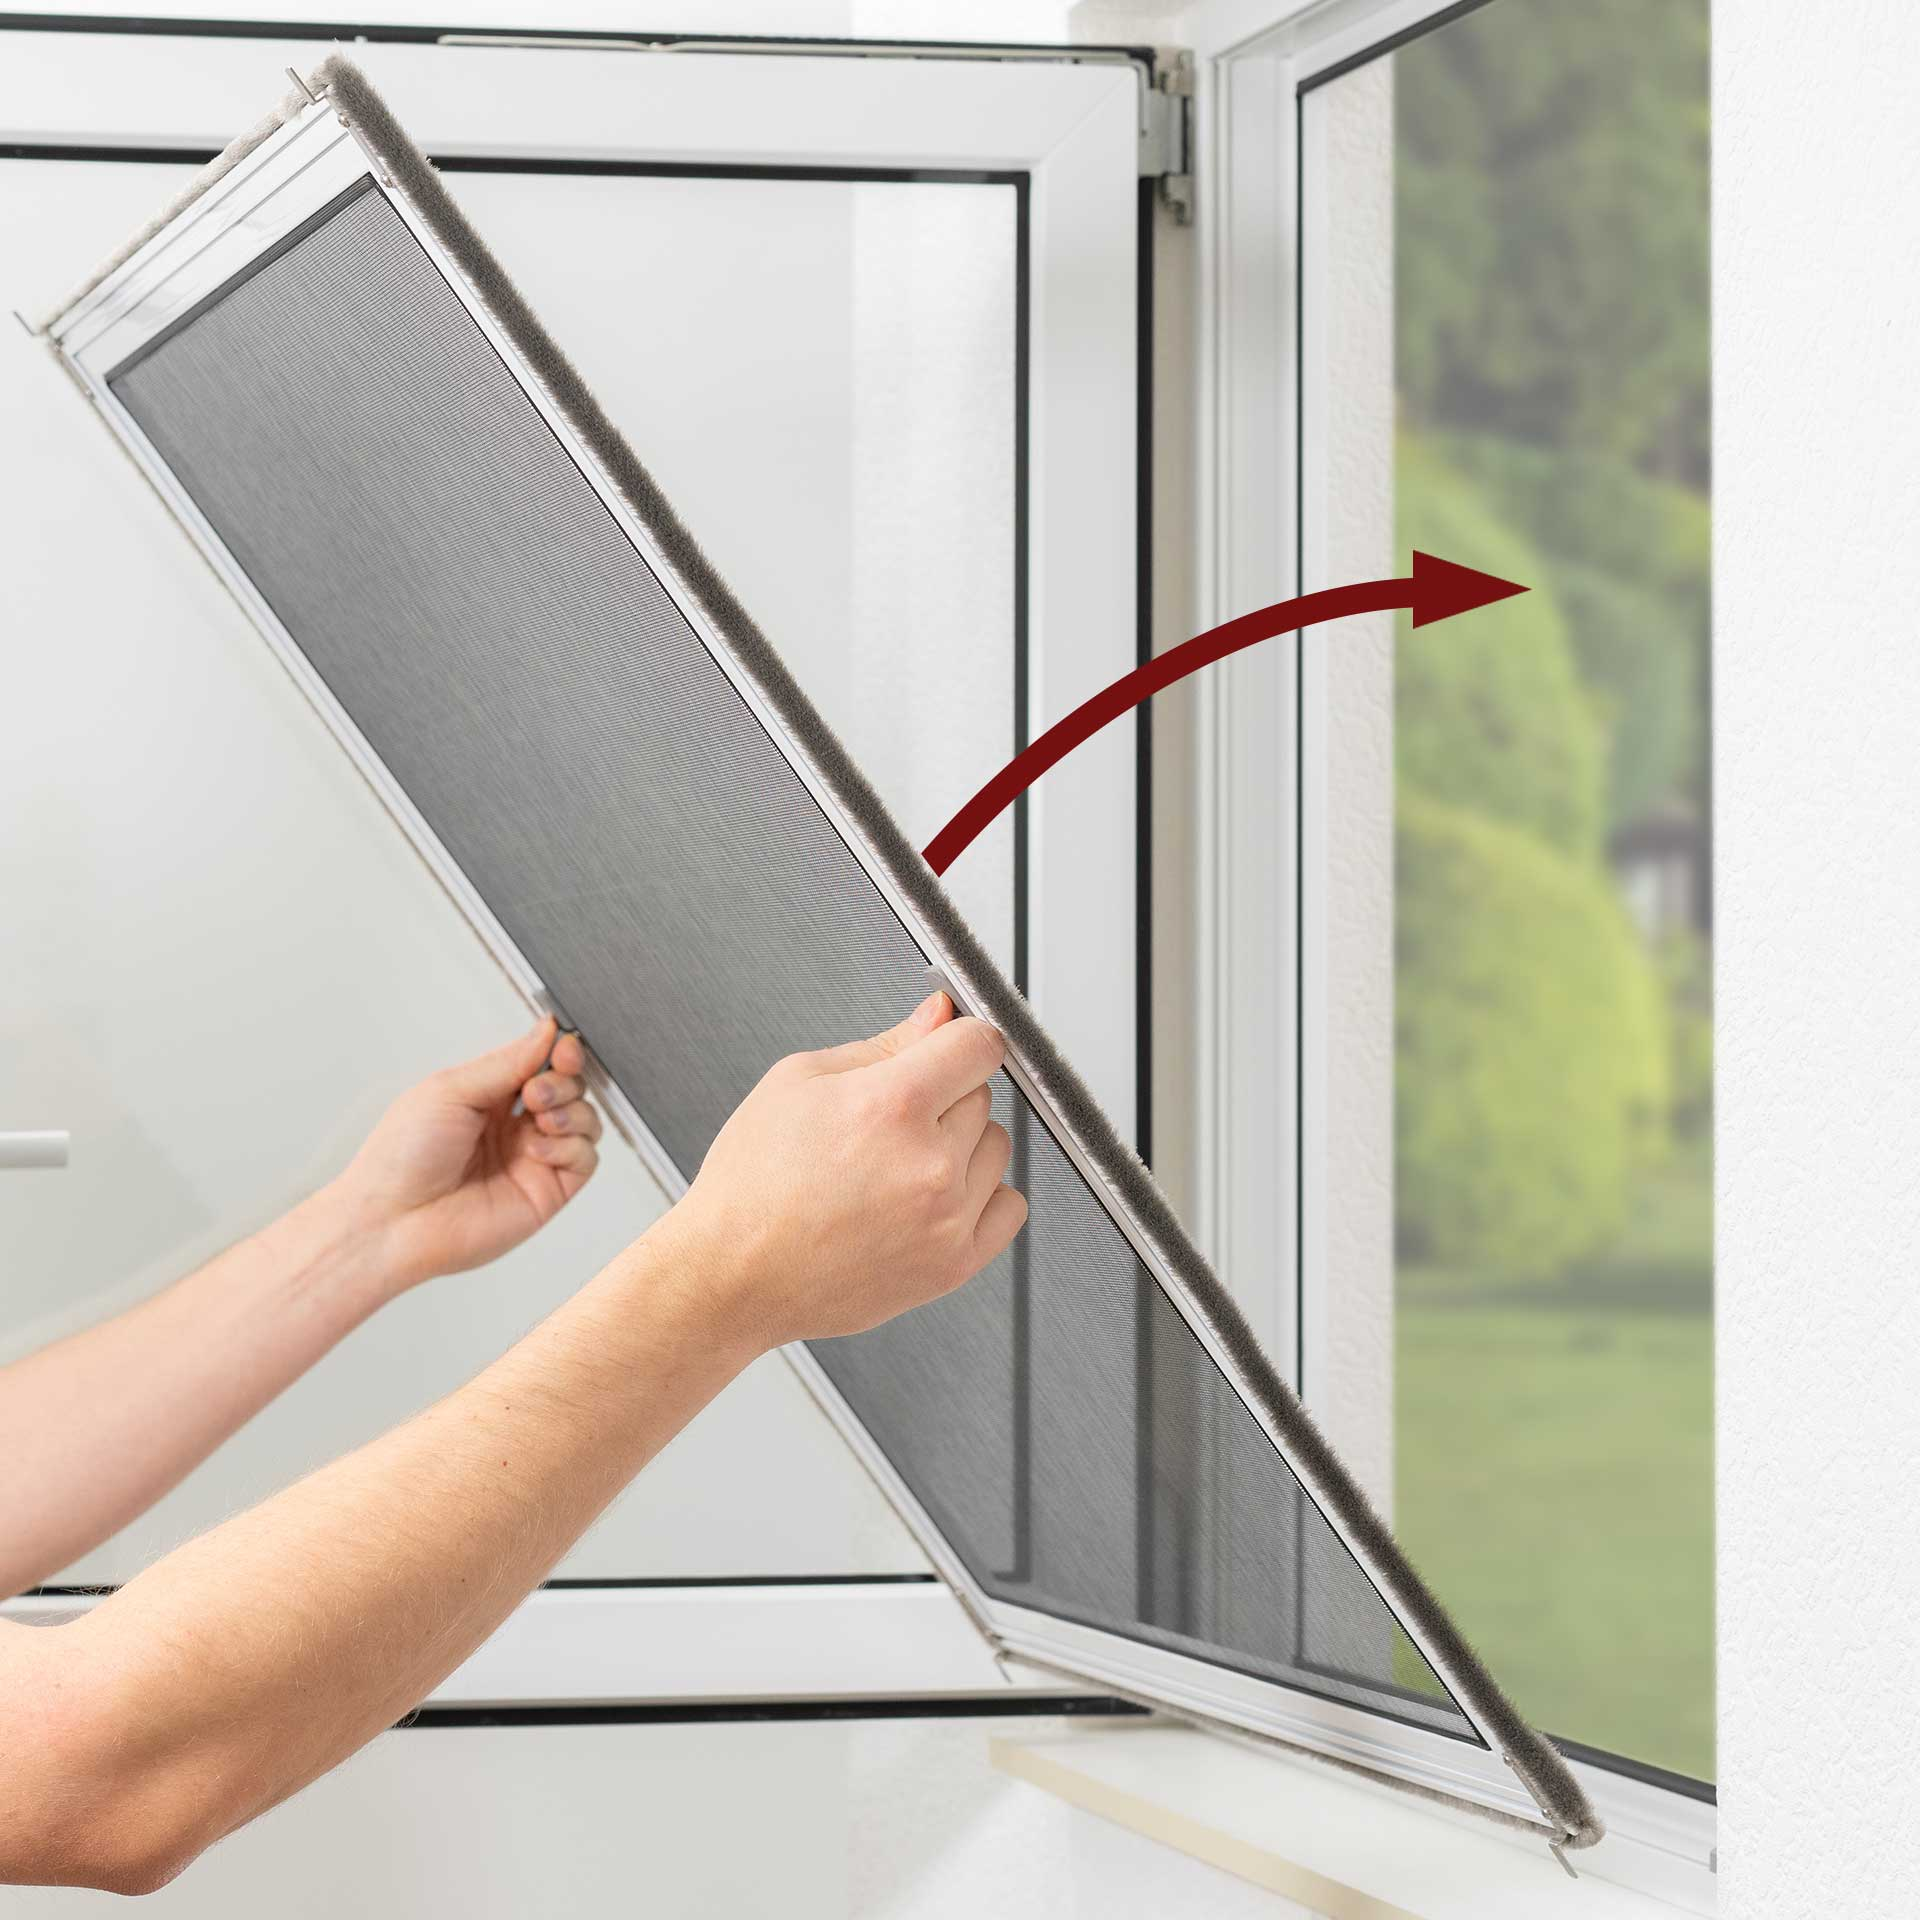 Fliegengitter für Kunststofffenster von innen einhängen   fix & fertig   Florida